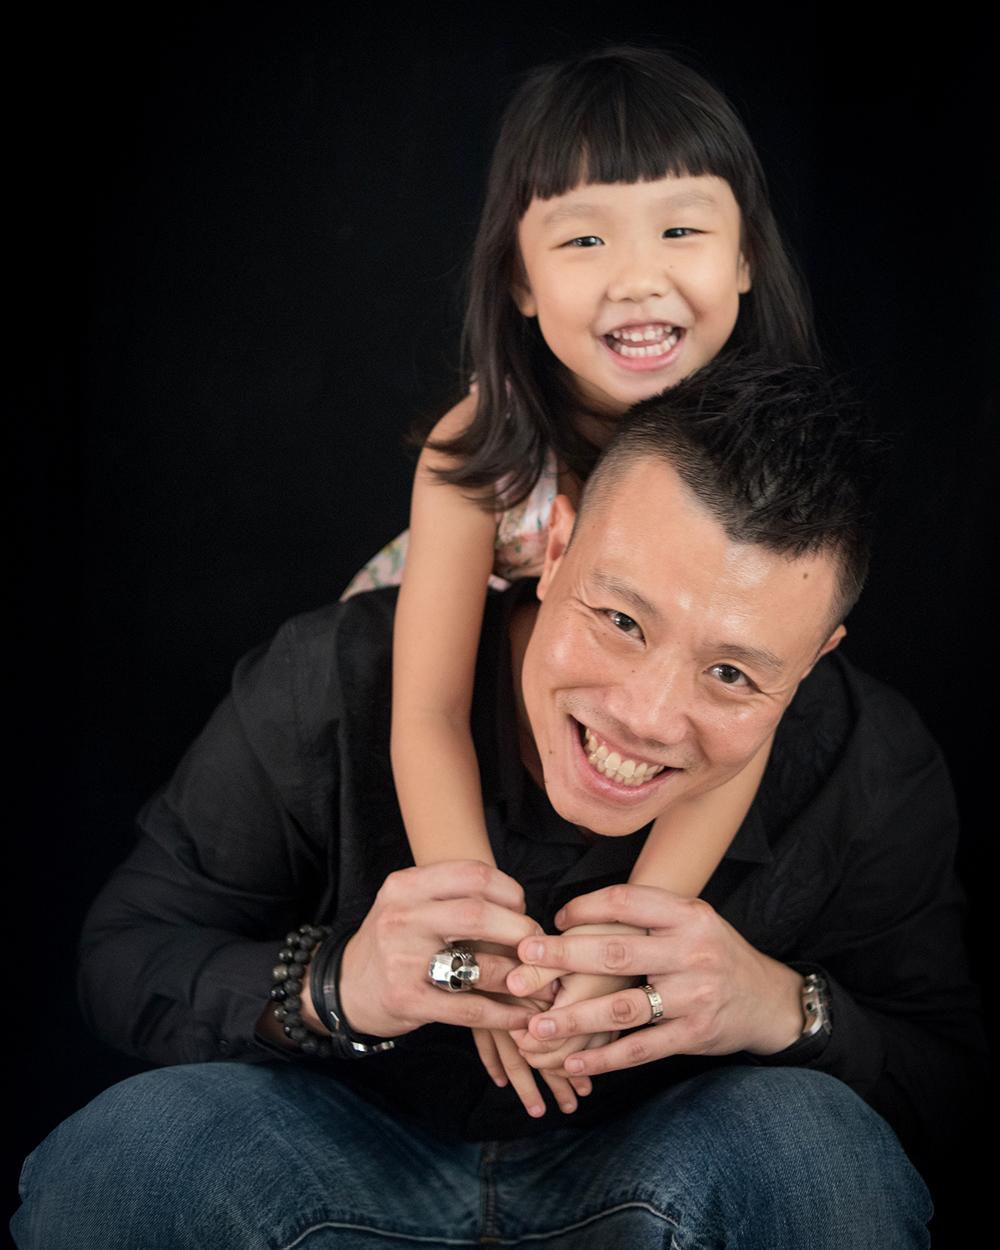 happy-family-photo-bailey-04